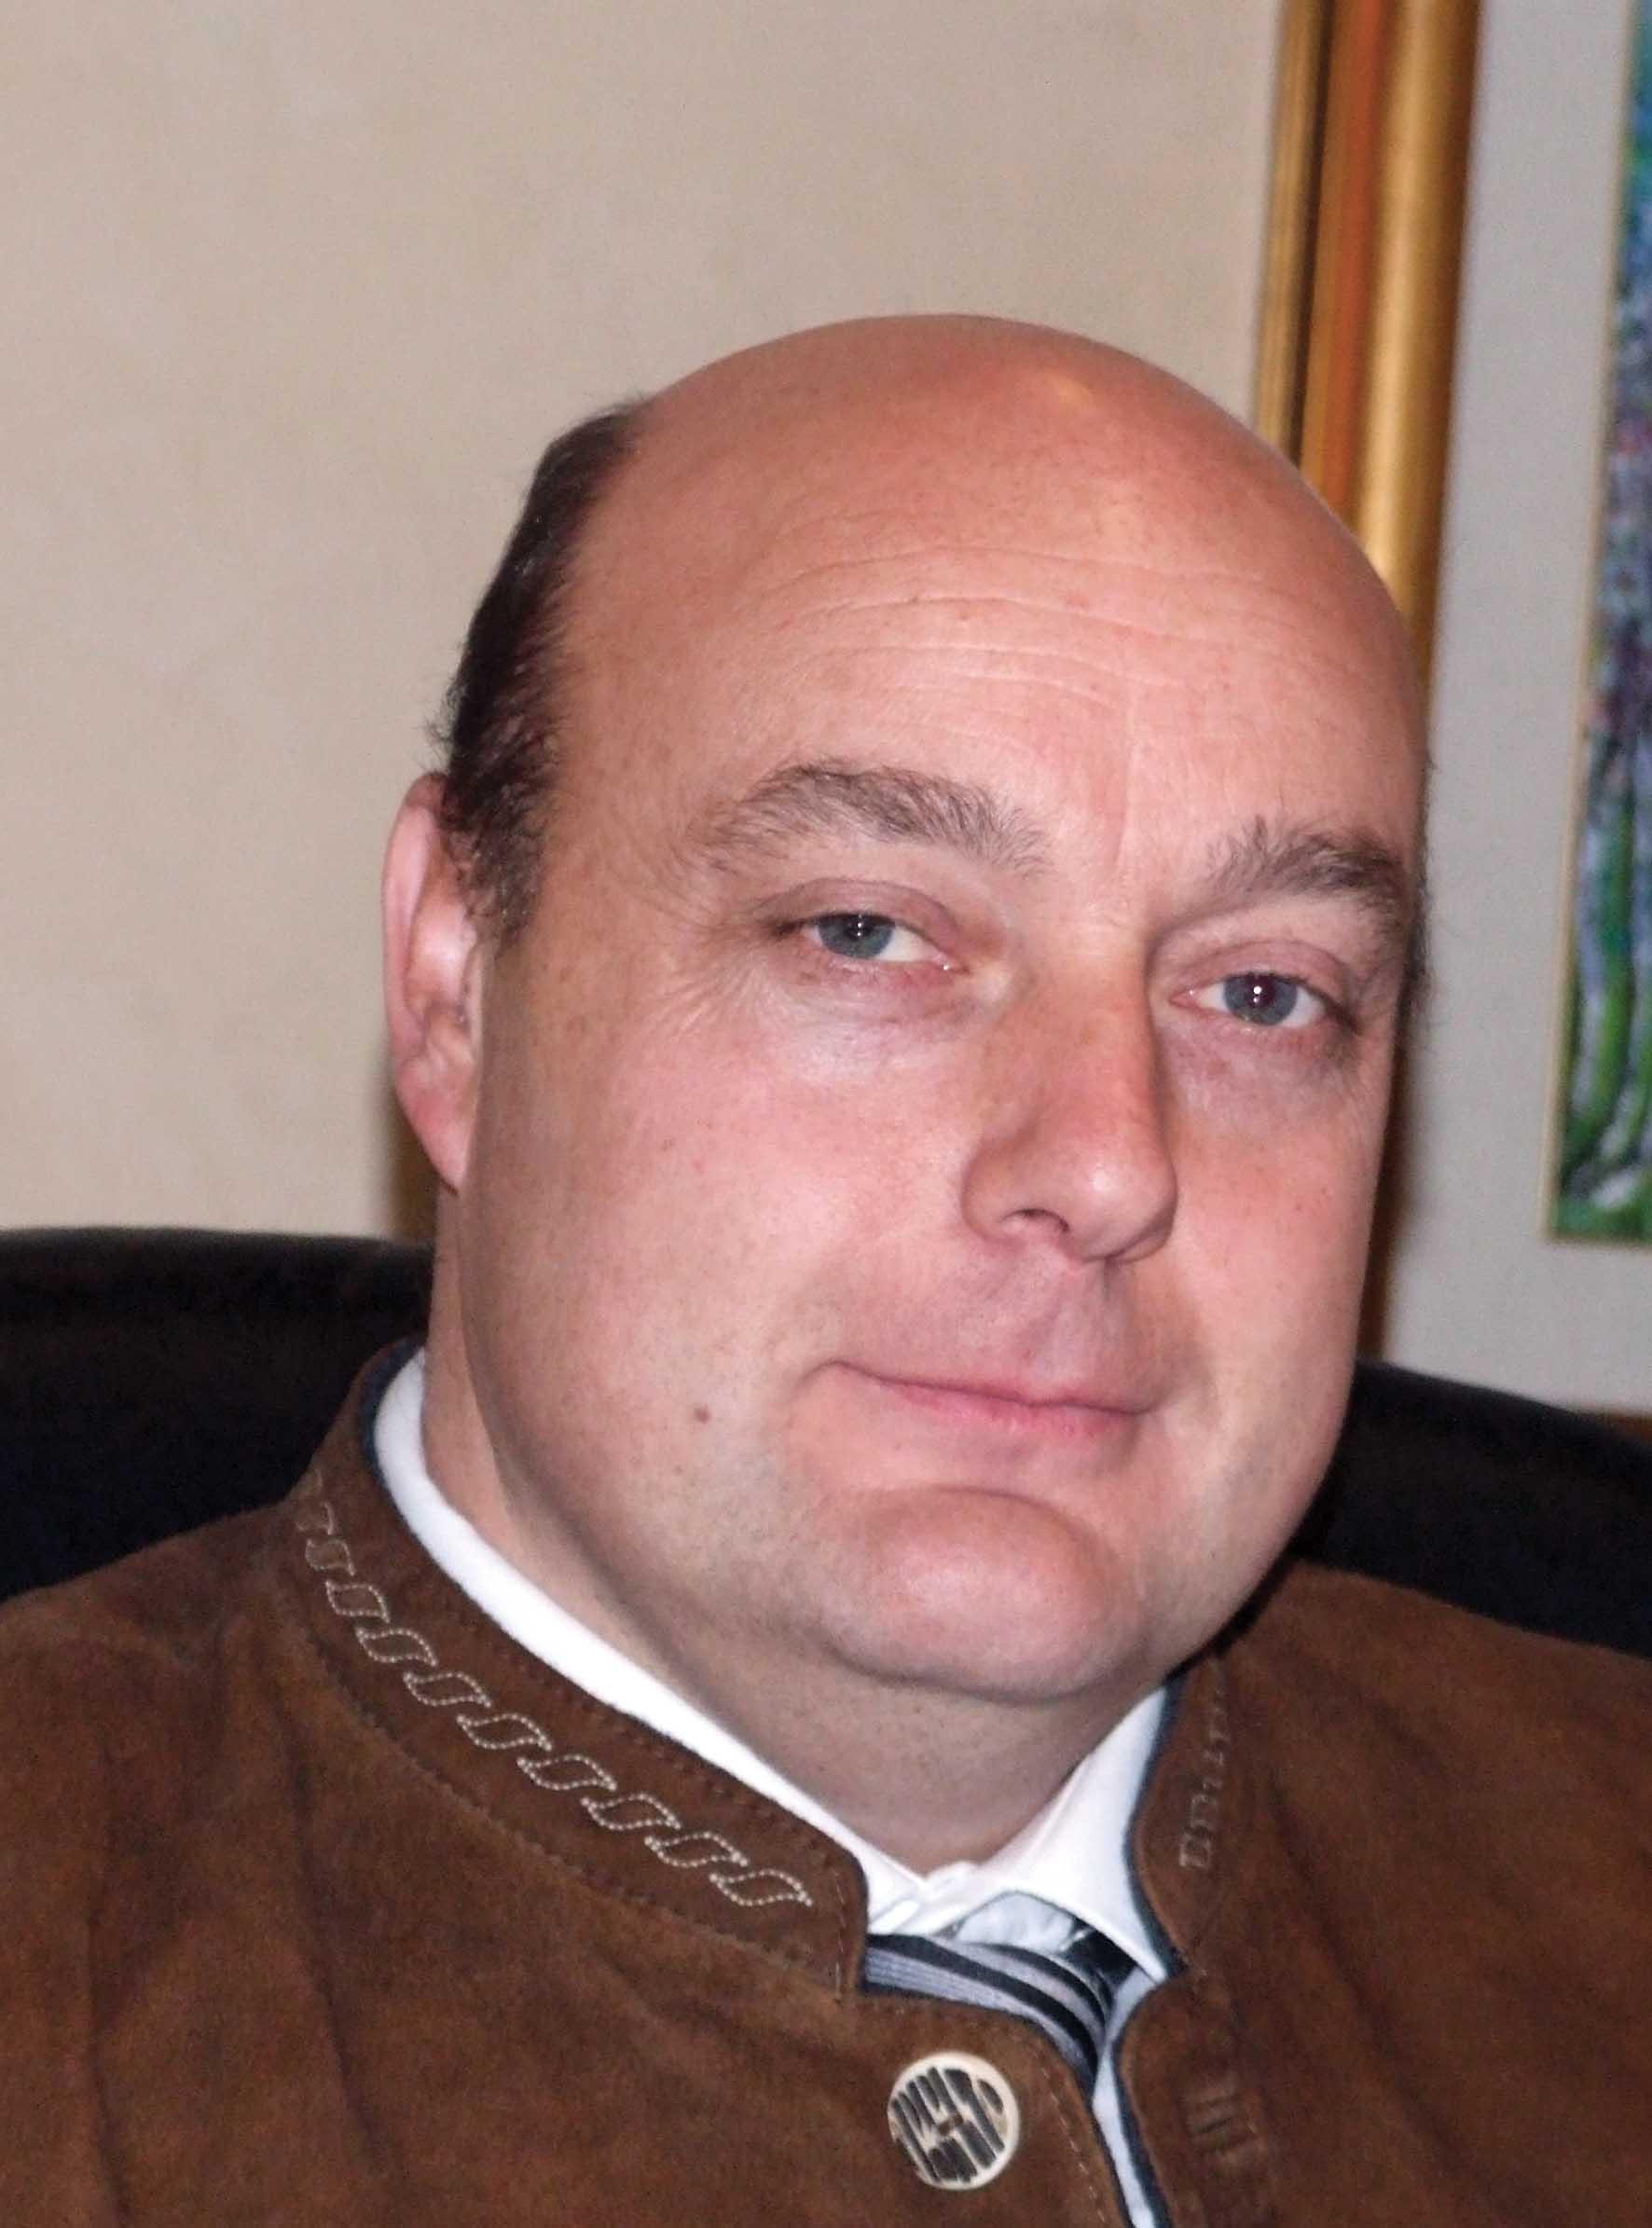 MOLTRER DIEGO presidente consiglio regionale taa 1